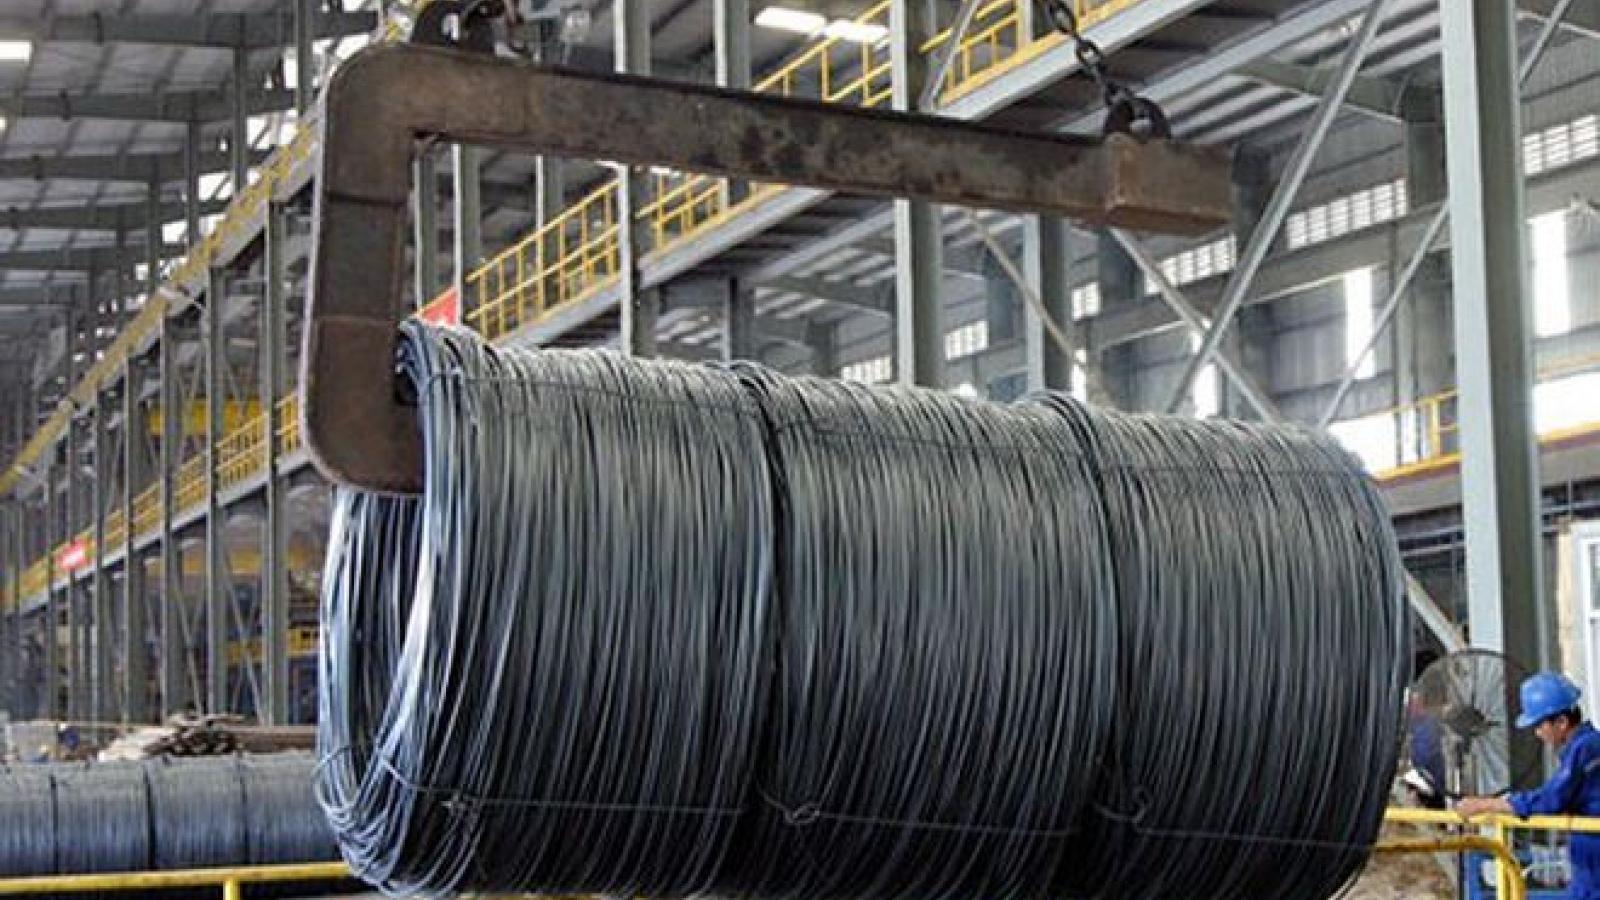 Kiểm soát, chống gian lận trong nhập khẩu sắt, thép